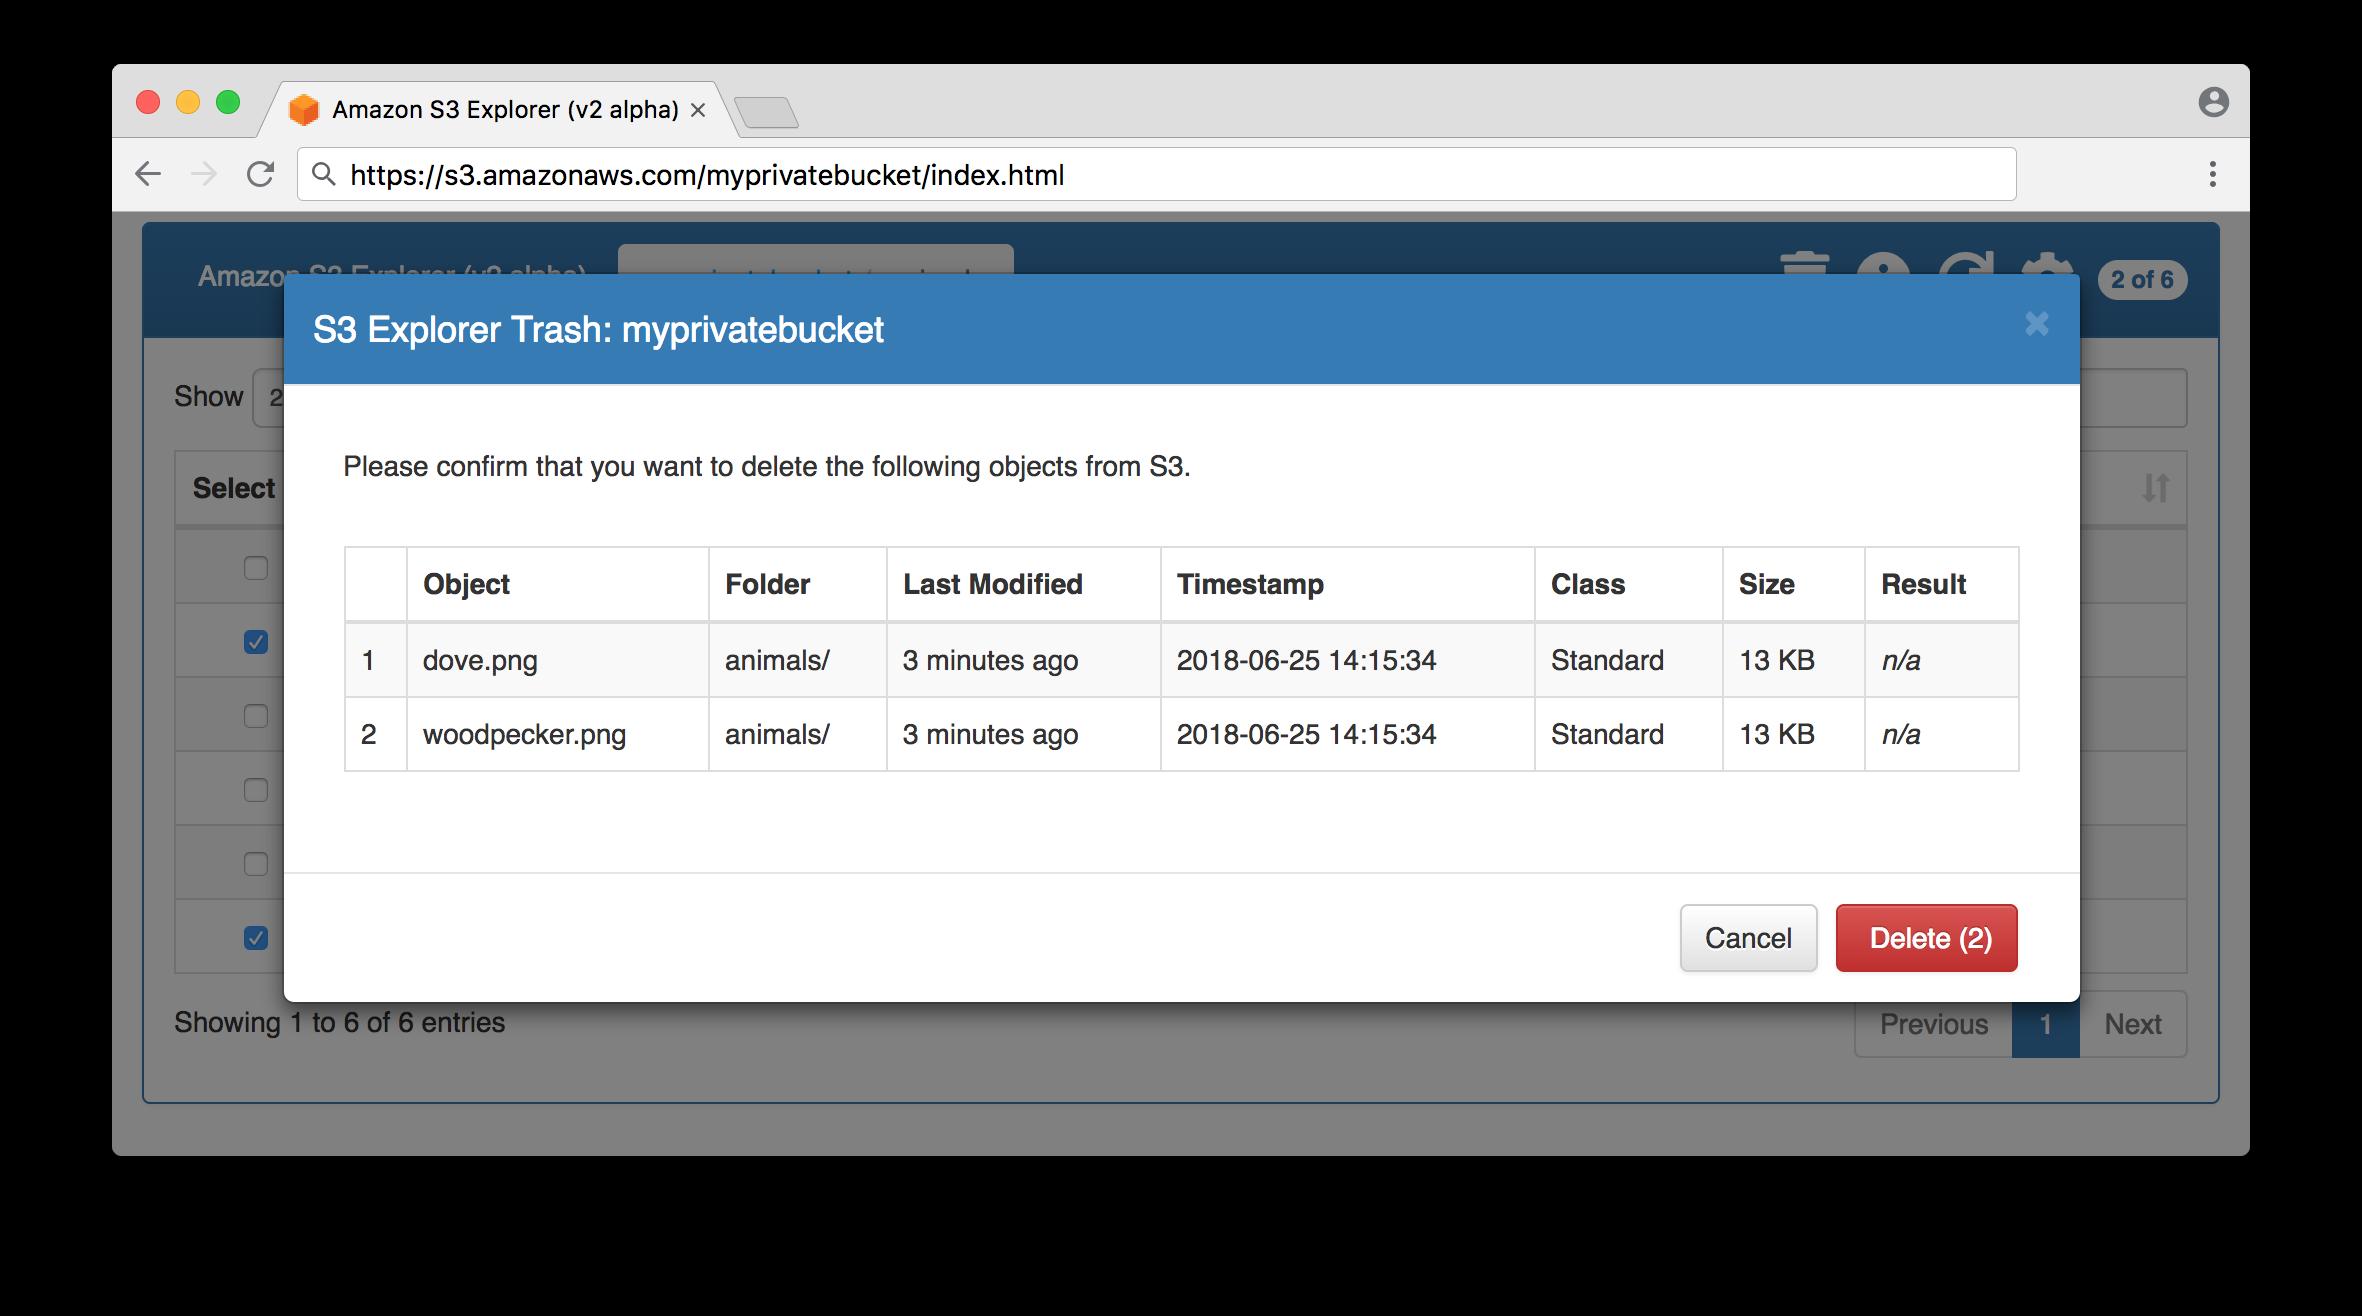 Bucket object delete request screen